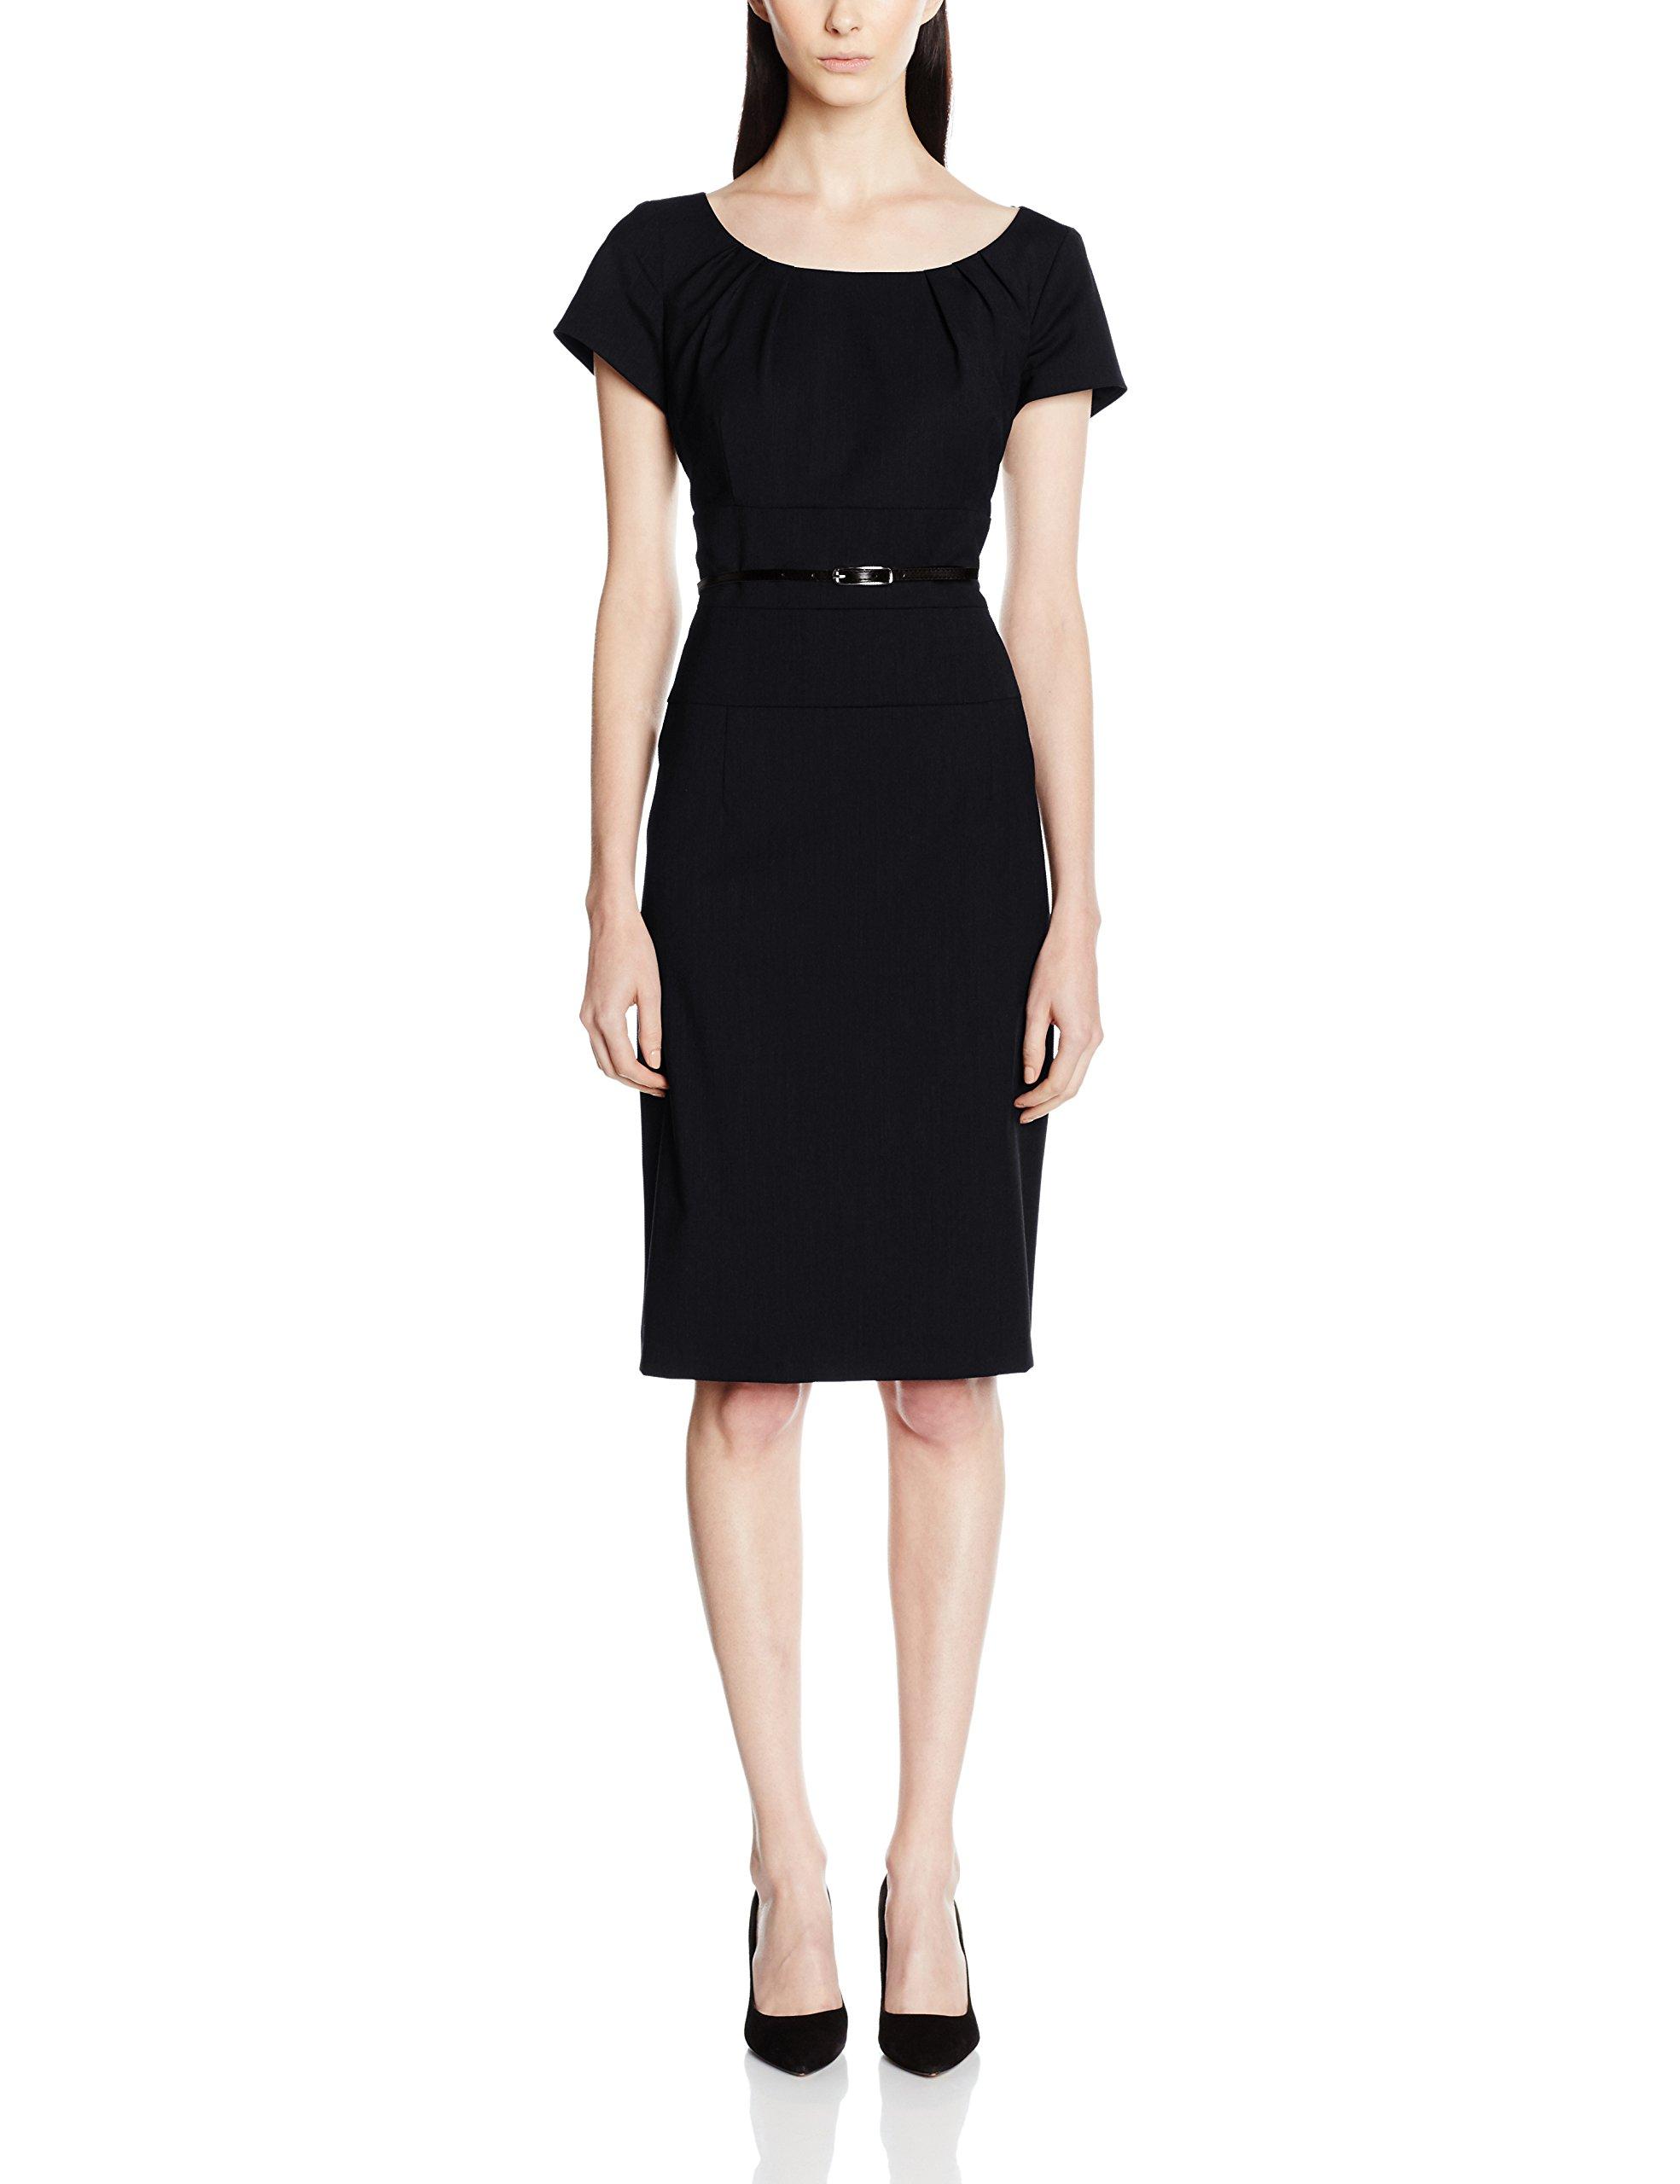 Hechter RobeBleunavy Femme Daniel 700708 Kleid 10270 690Xl b7gf6y